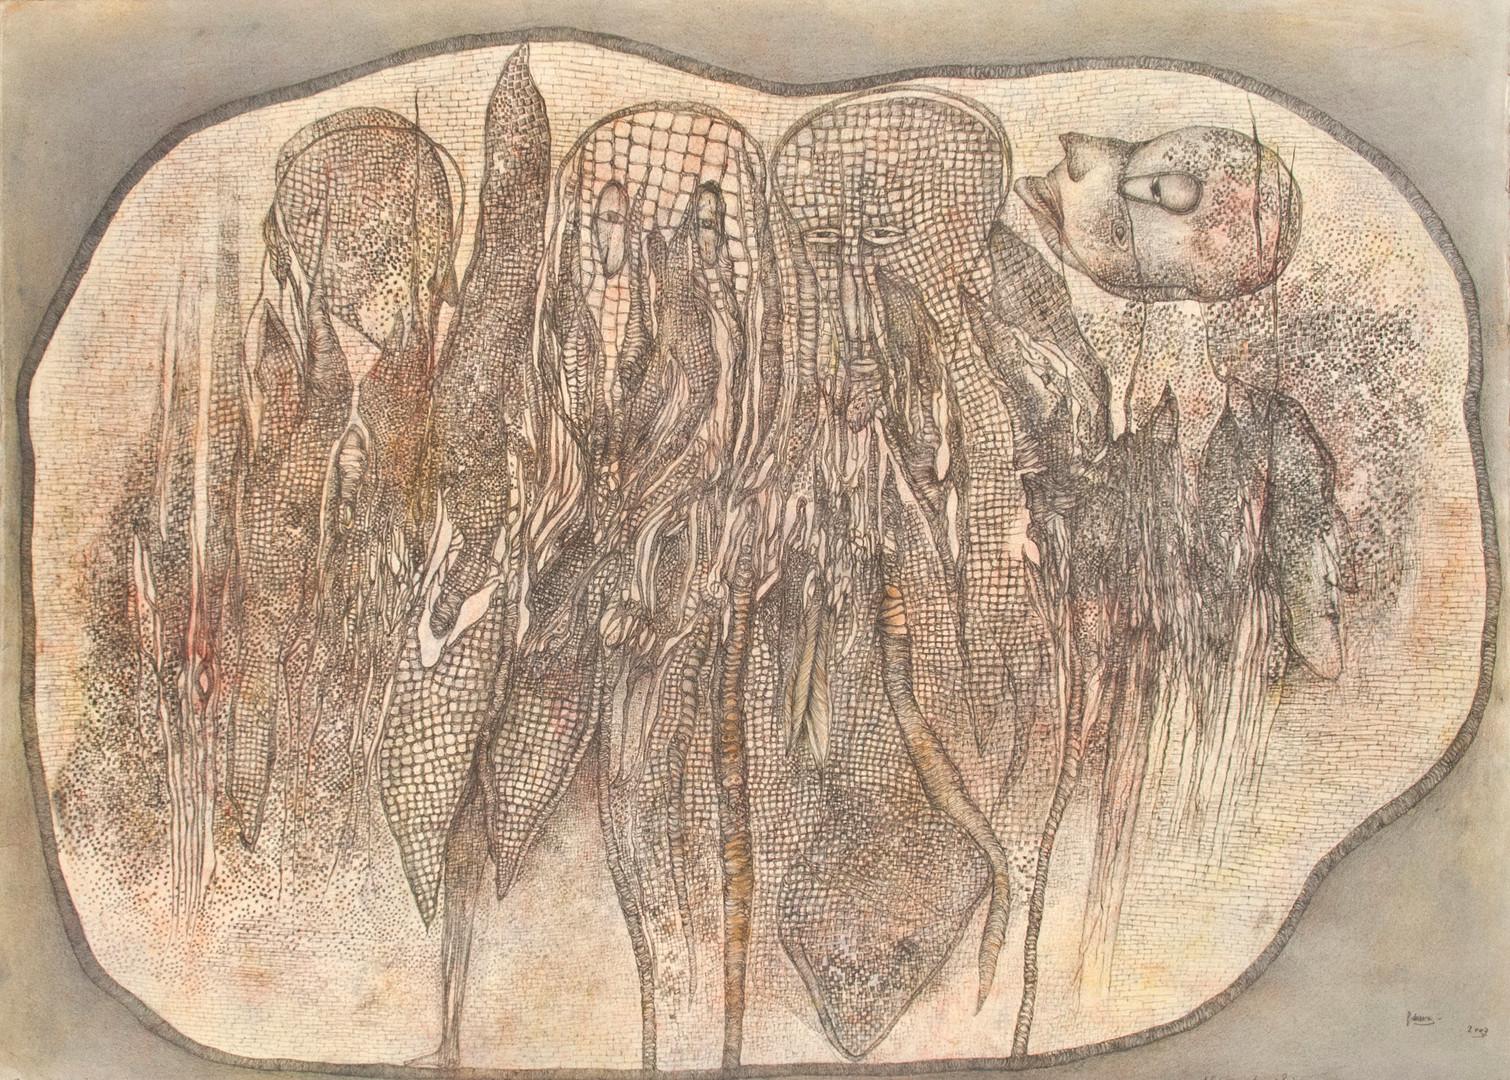 Fred Deux, Plaies contre plaies, 2003